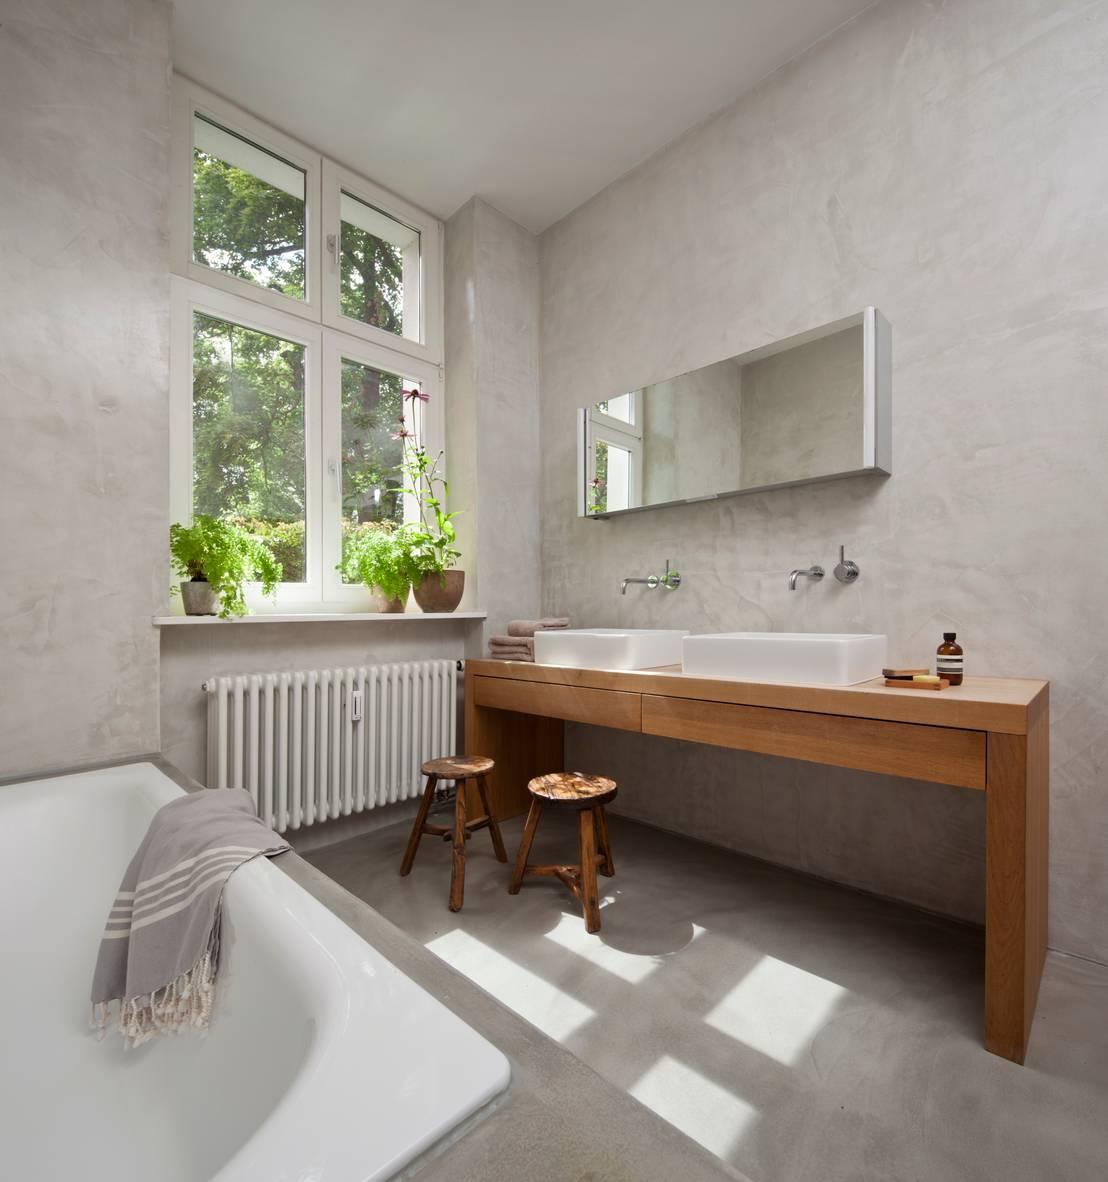 Badezimmer potsdam von britta wei er innenarchitektur homify - Innenarchitektur badezimmer ...